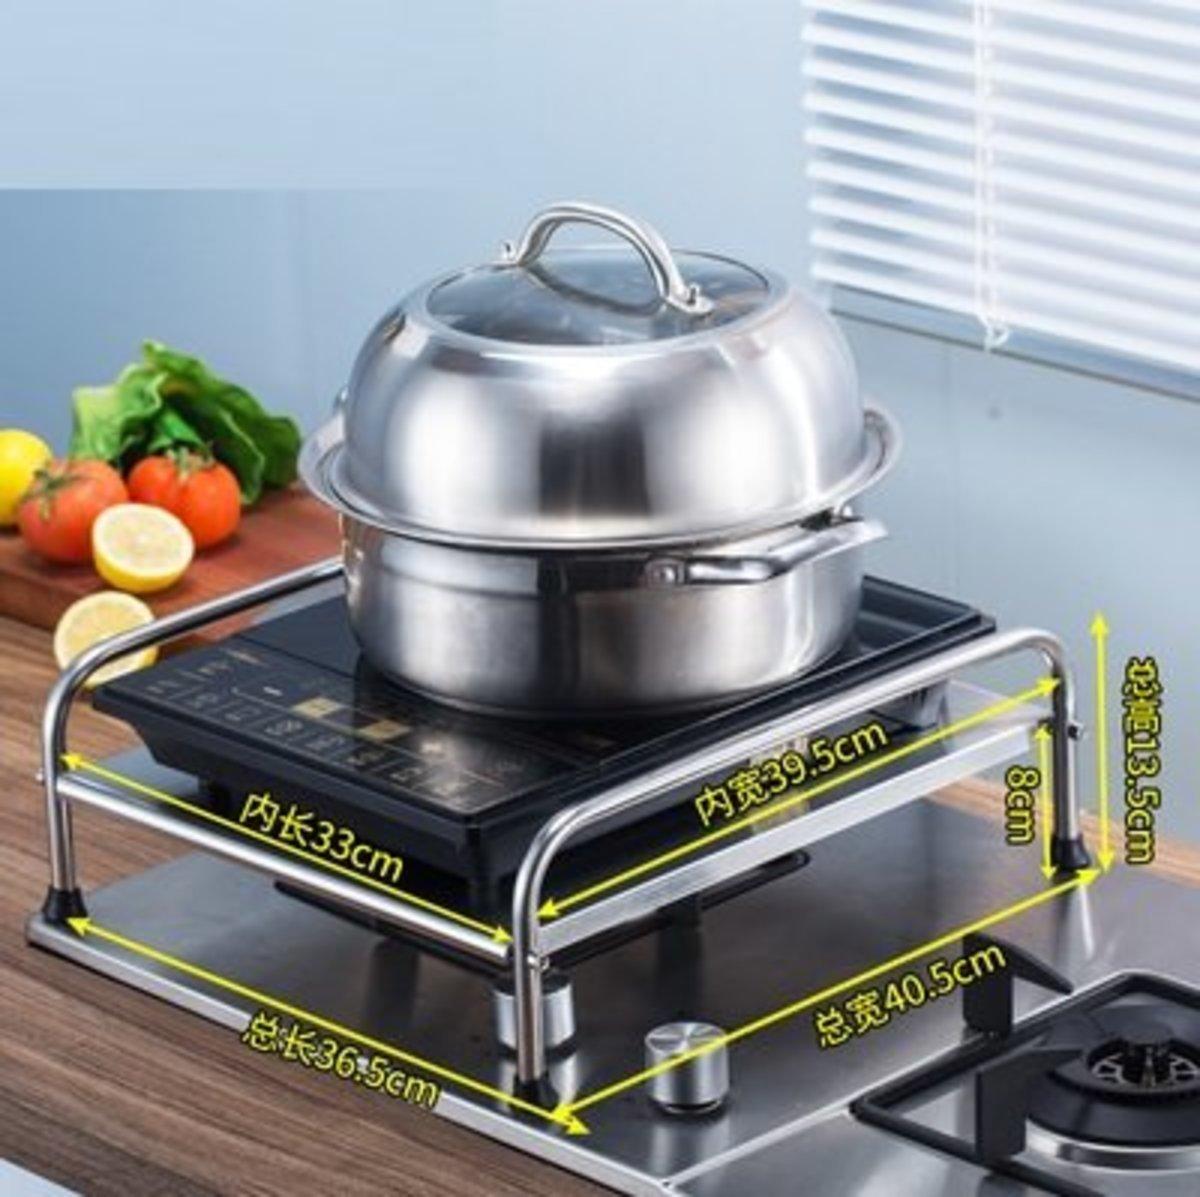 不銹鋼廚房單層置物架電磁爐支架架子 煤氣灶台架燃氣灶蓋板 鍋架